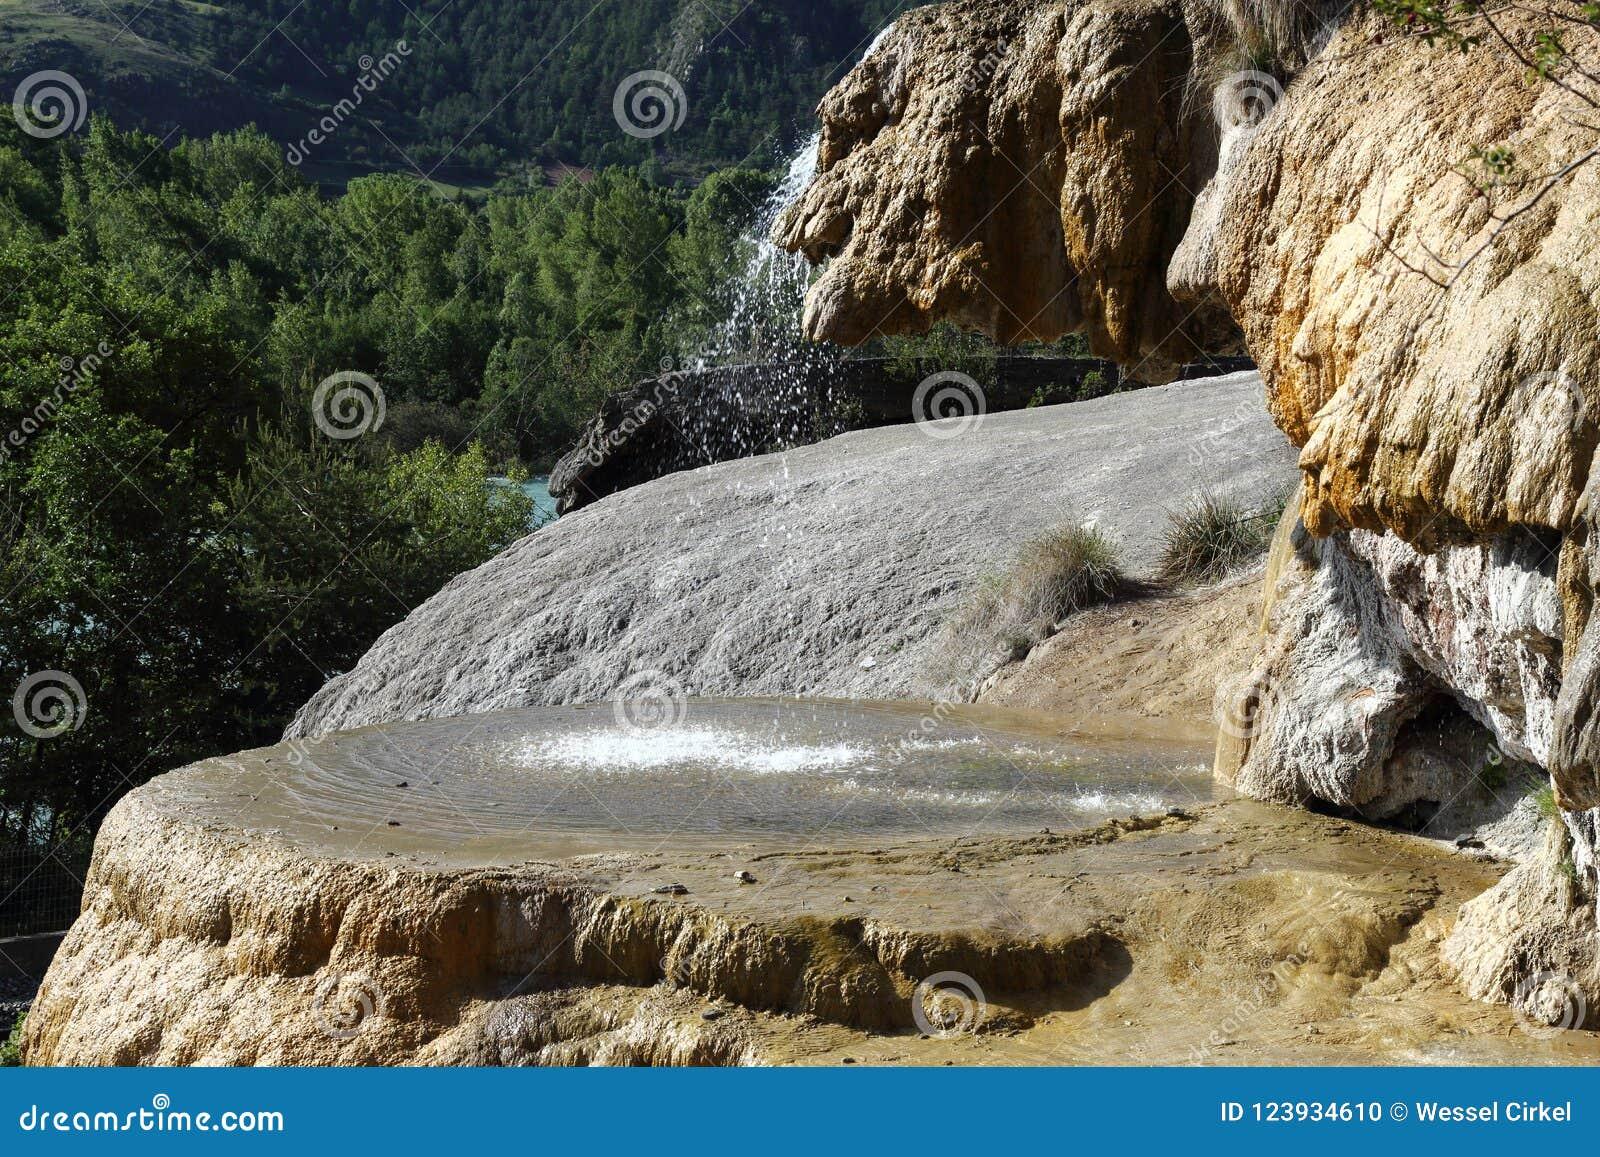 Petrified Fountain of Réotier, Hautes-Alpes, France